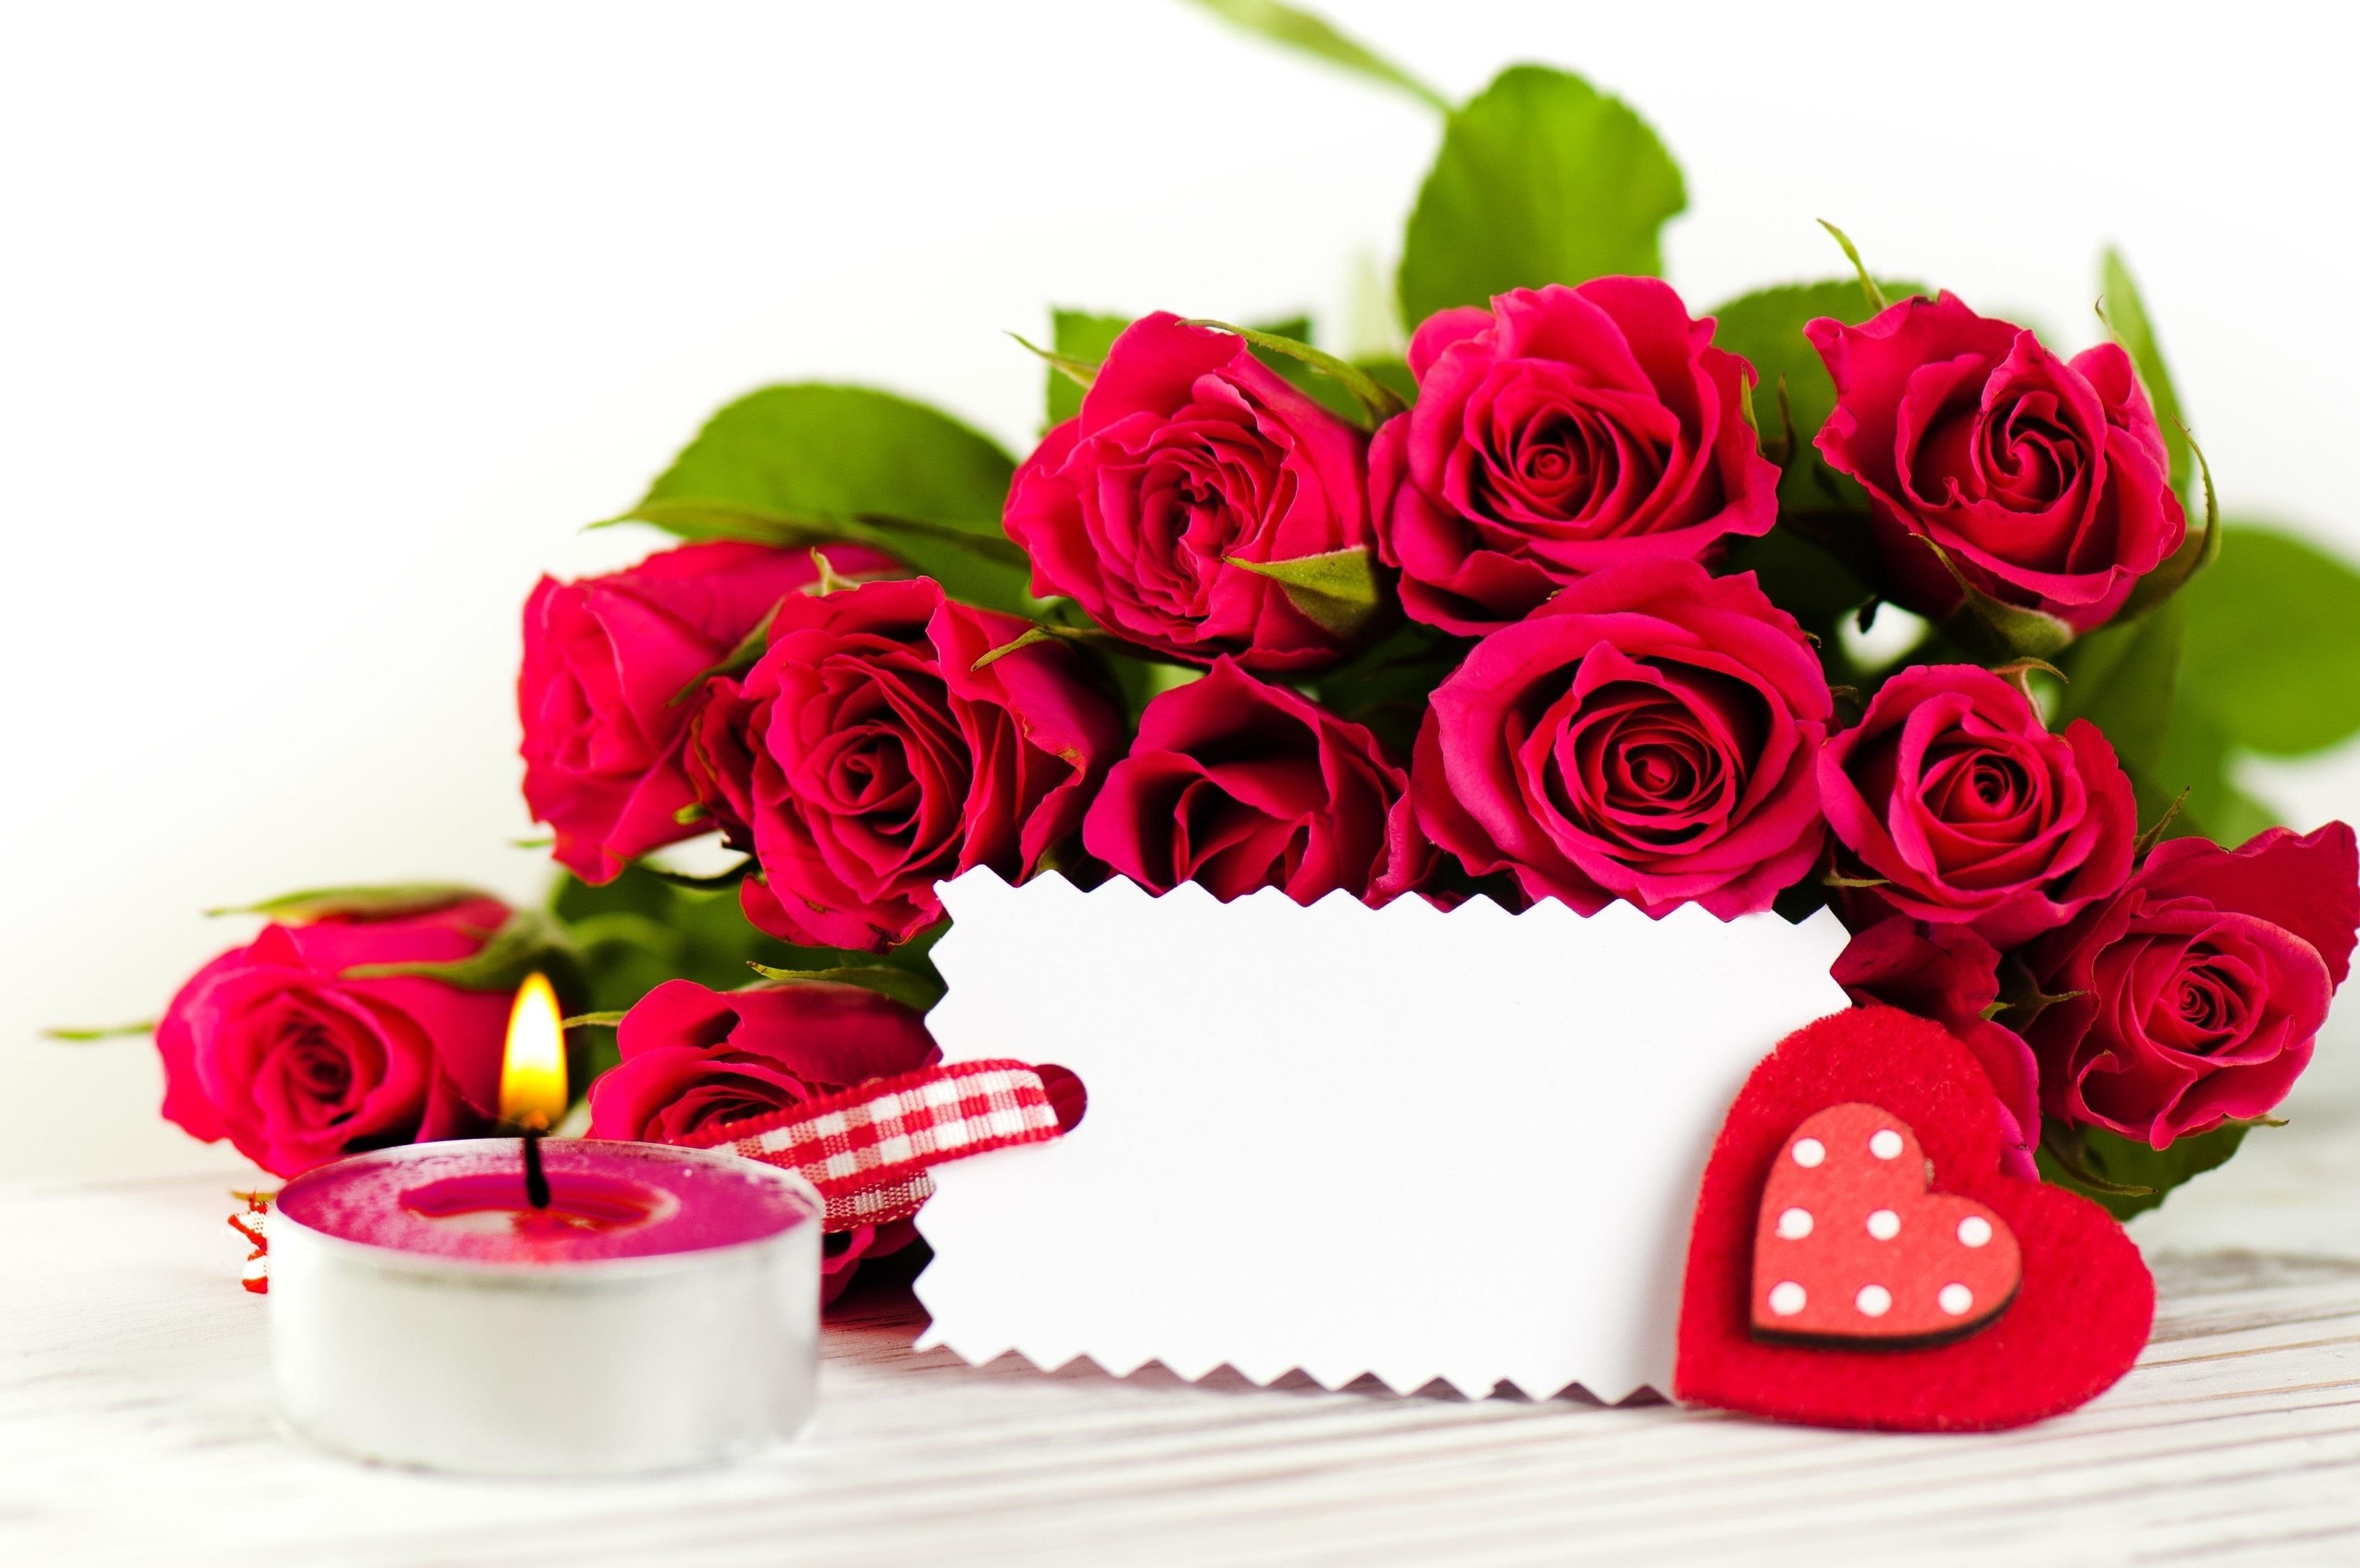 Красивейшие поздравления с днем рождения от сердца